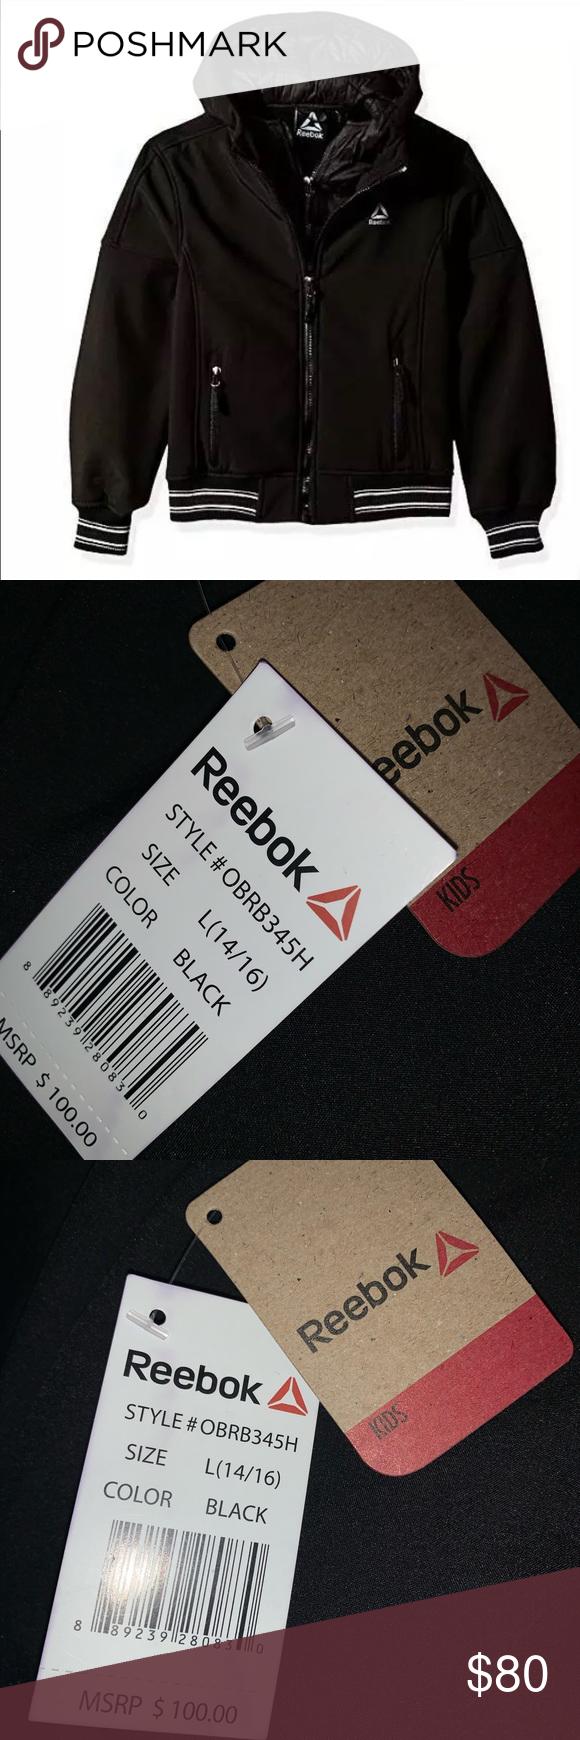 Boys Reebok Active Vestee Jacket Black Size 14 16 Boys Reebok Vestee Jacket With Striped Hem Size 14 16 Nwt Reebok Jackets Jackets Clothes Design Reebok [ 1740 x 580 Pixel ]